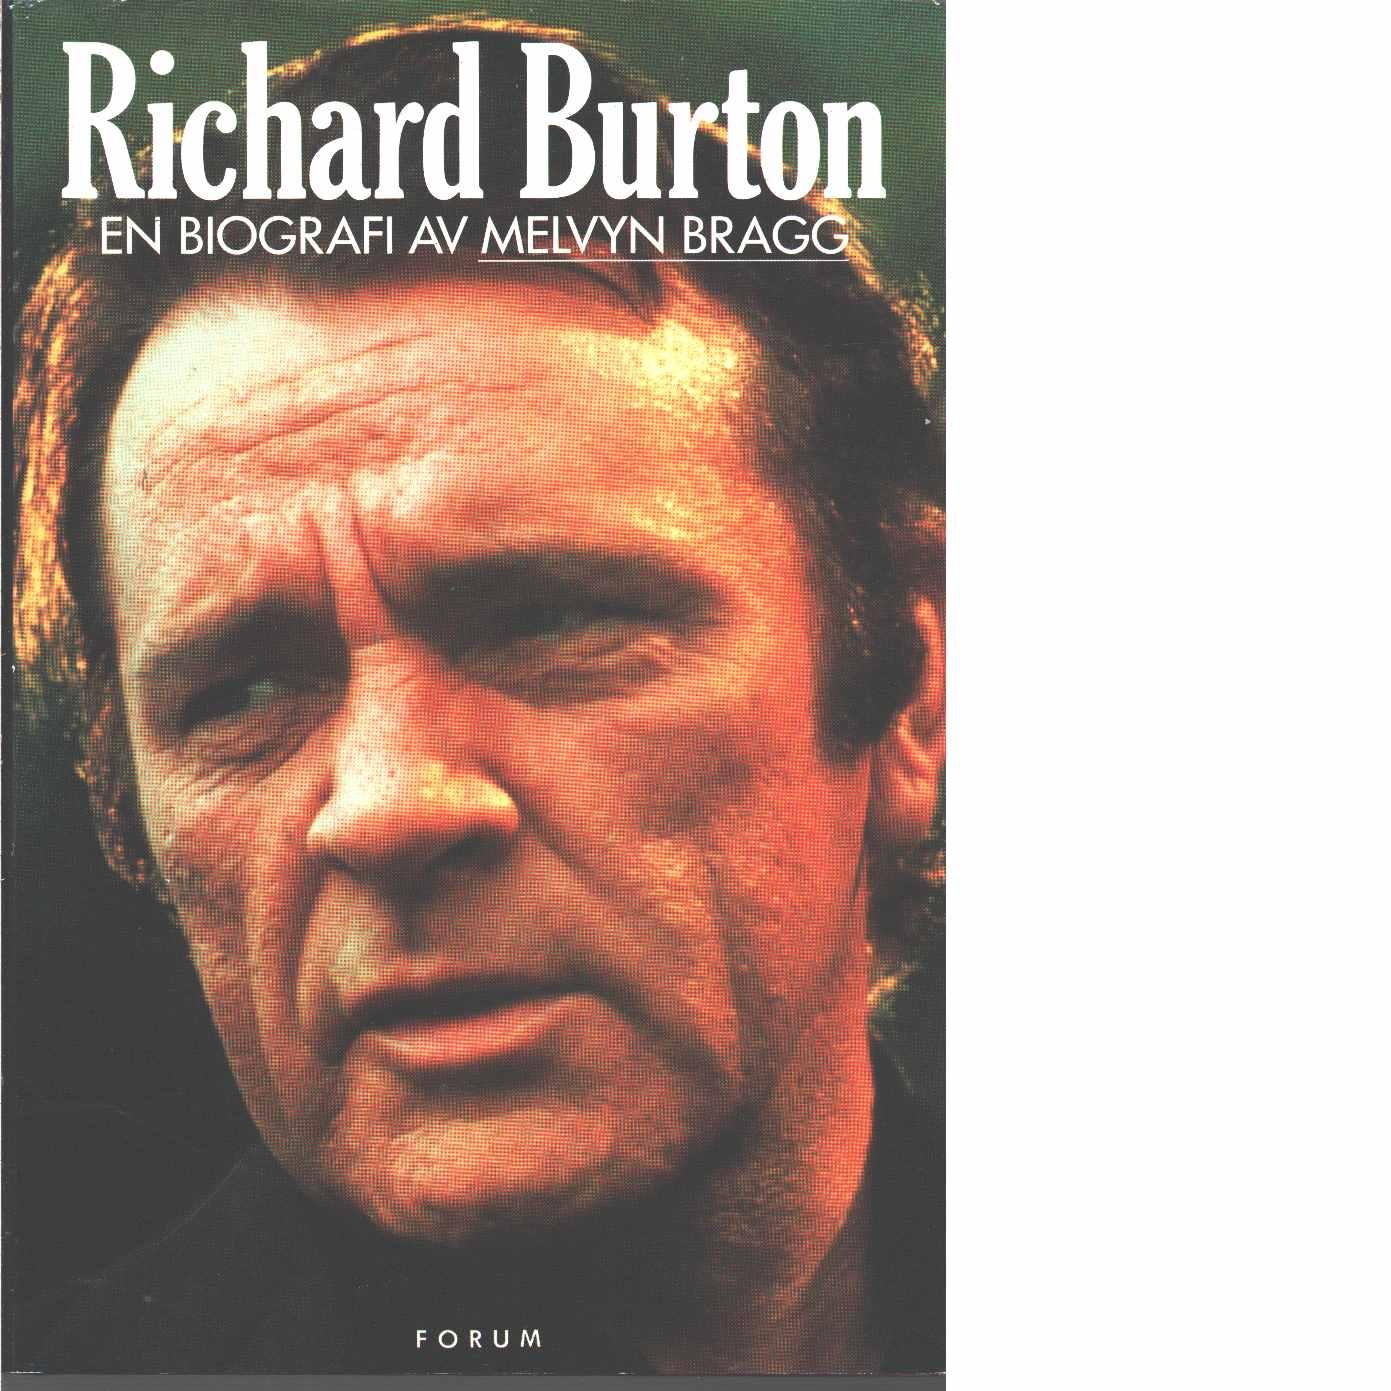 Richard Burton - Bragg, Melvyn